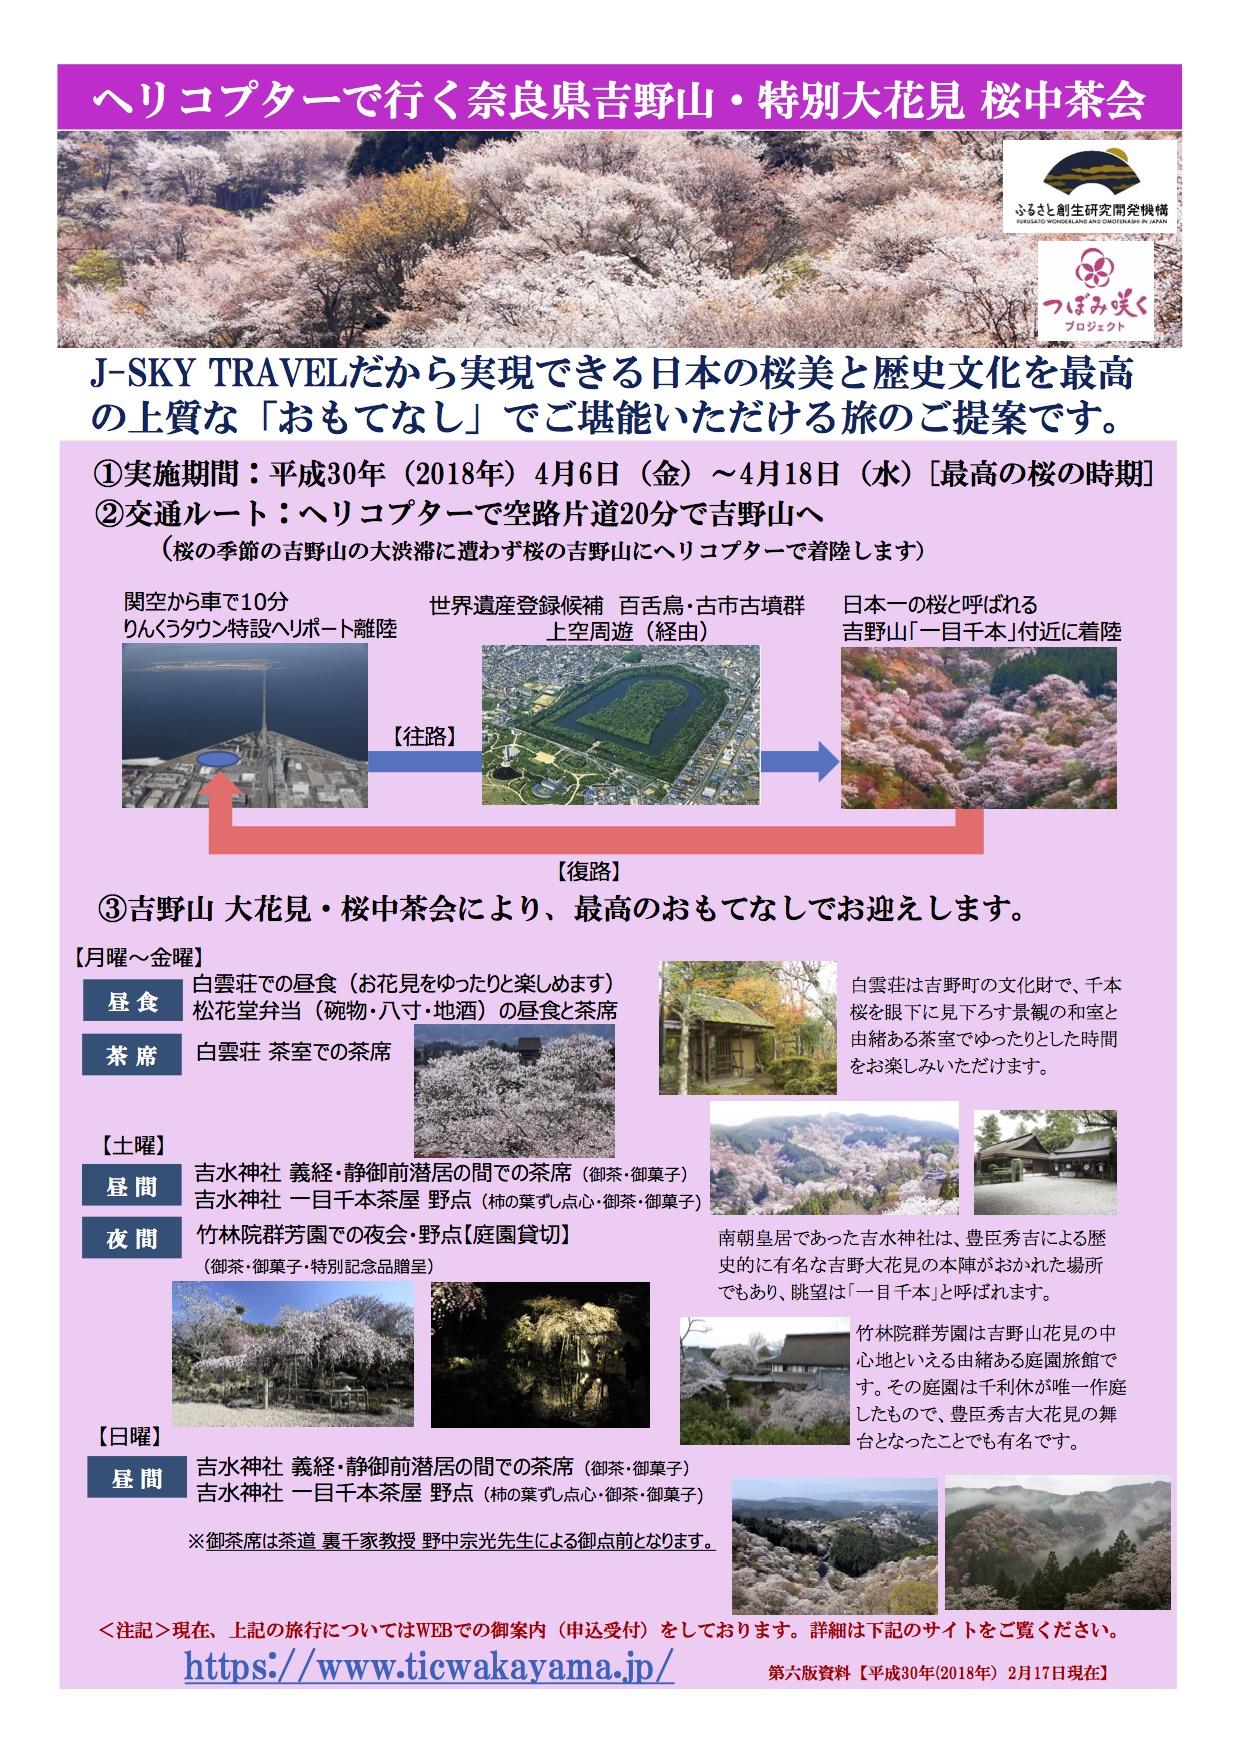 ヘリコプター観光・吉野山桜中大茶会_概要(18.02.17付:第六版)